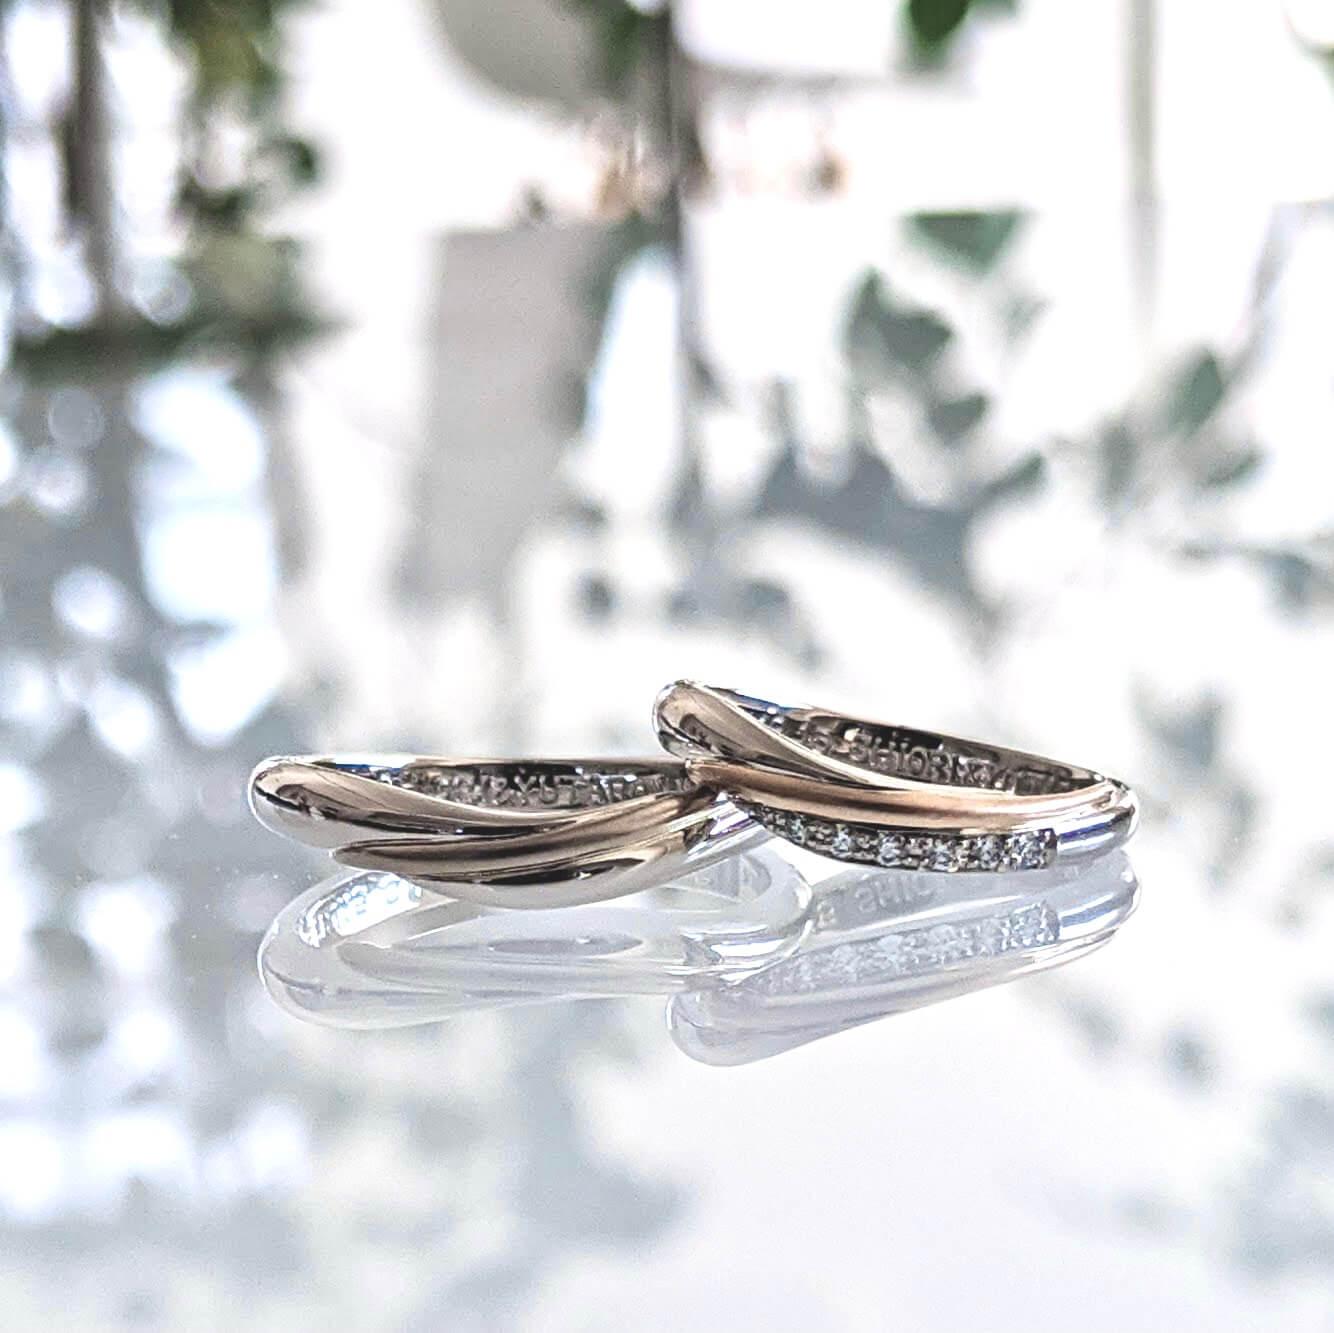 バイカラー(コンビリング)の結婚指輪|魅力とデザインの紹介